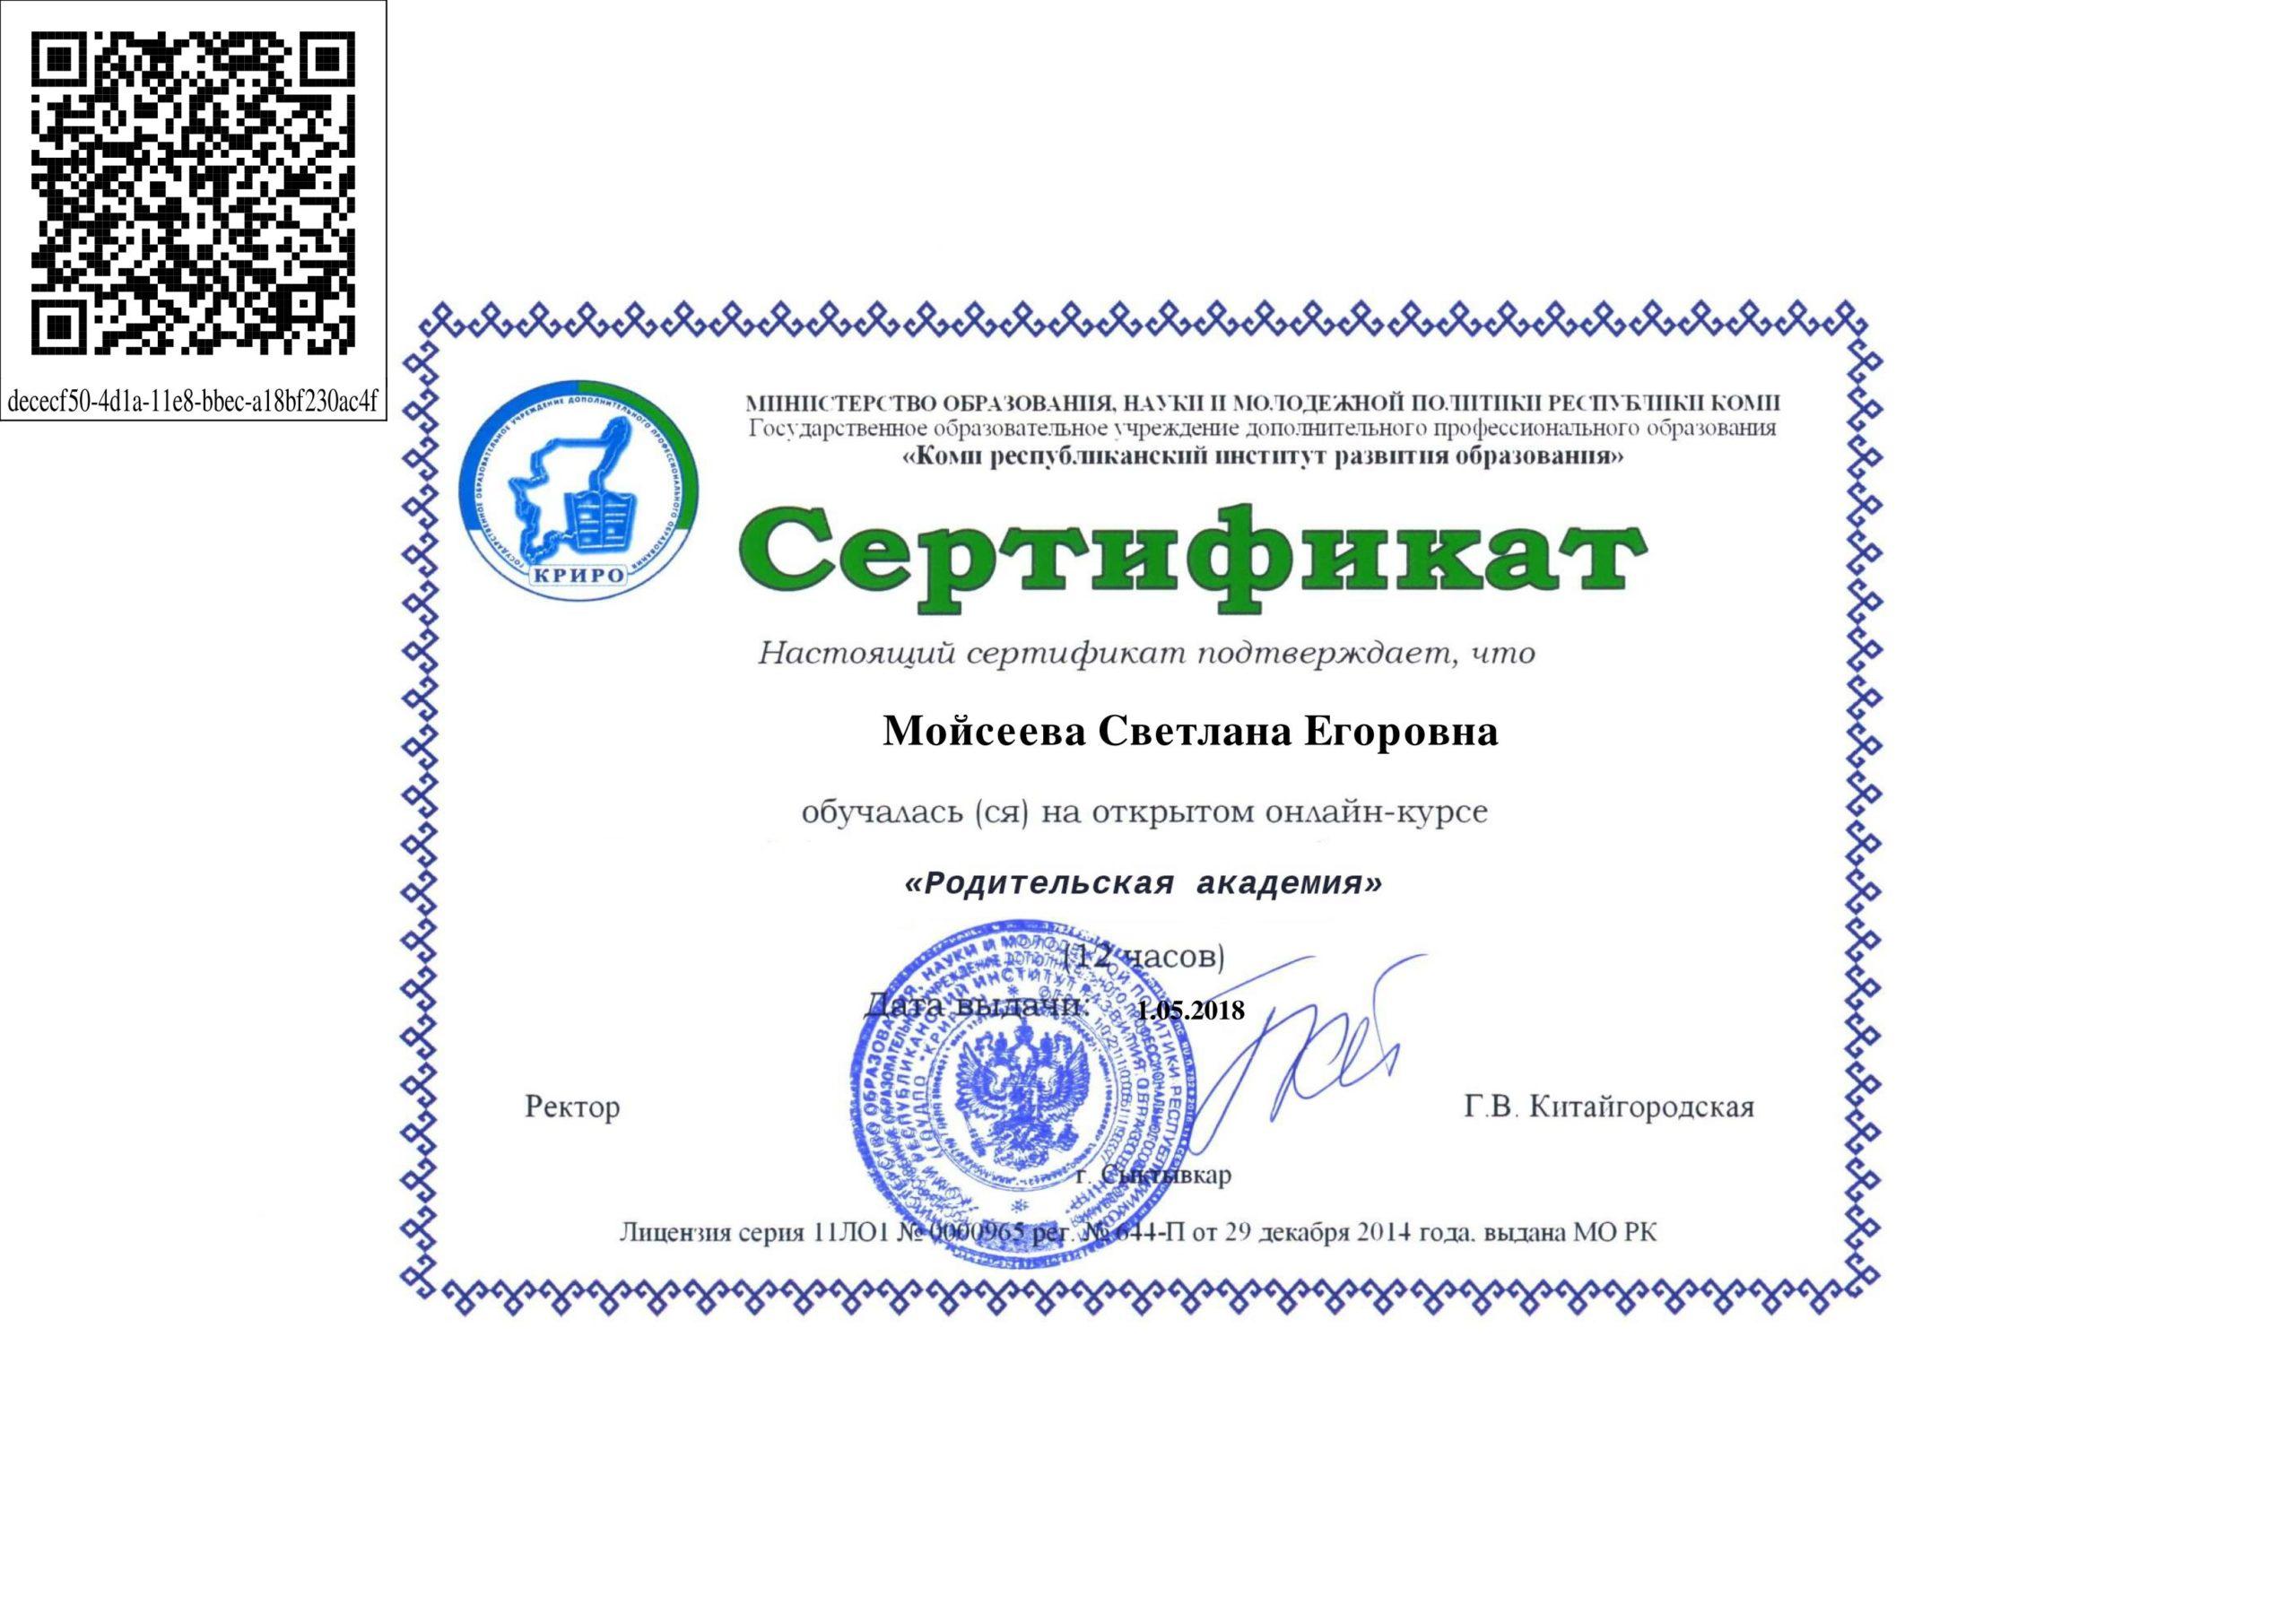 Родительская_академия-Сертификат_15870_01